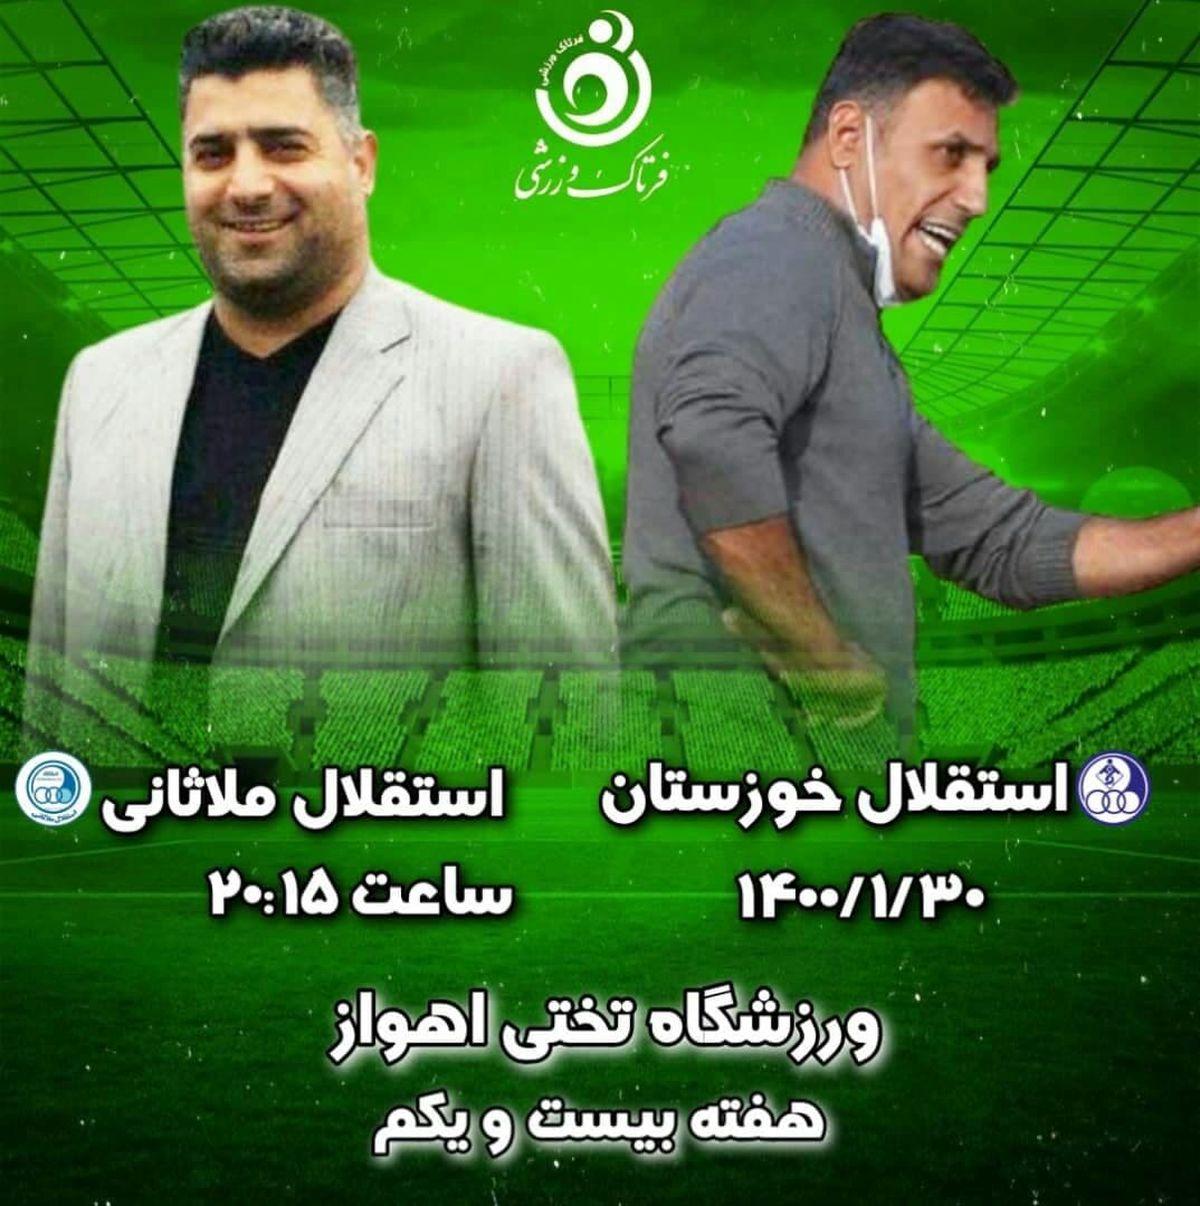 شهرآورد خوزستان با مربیان بومی